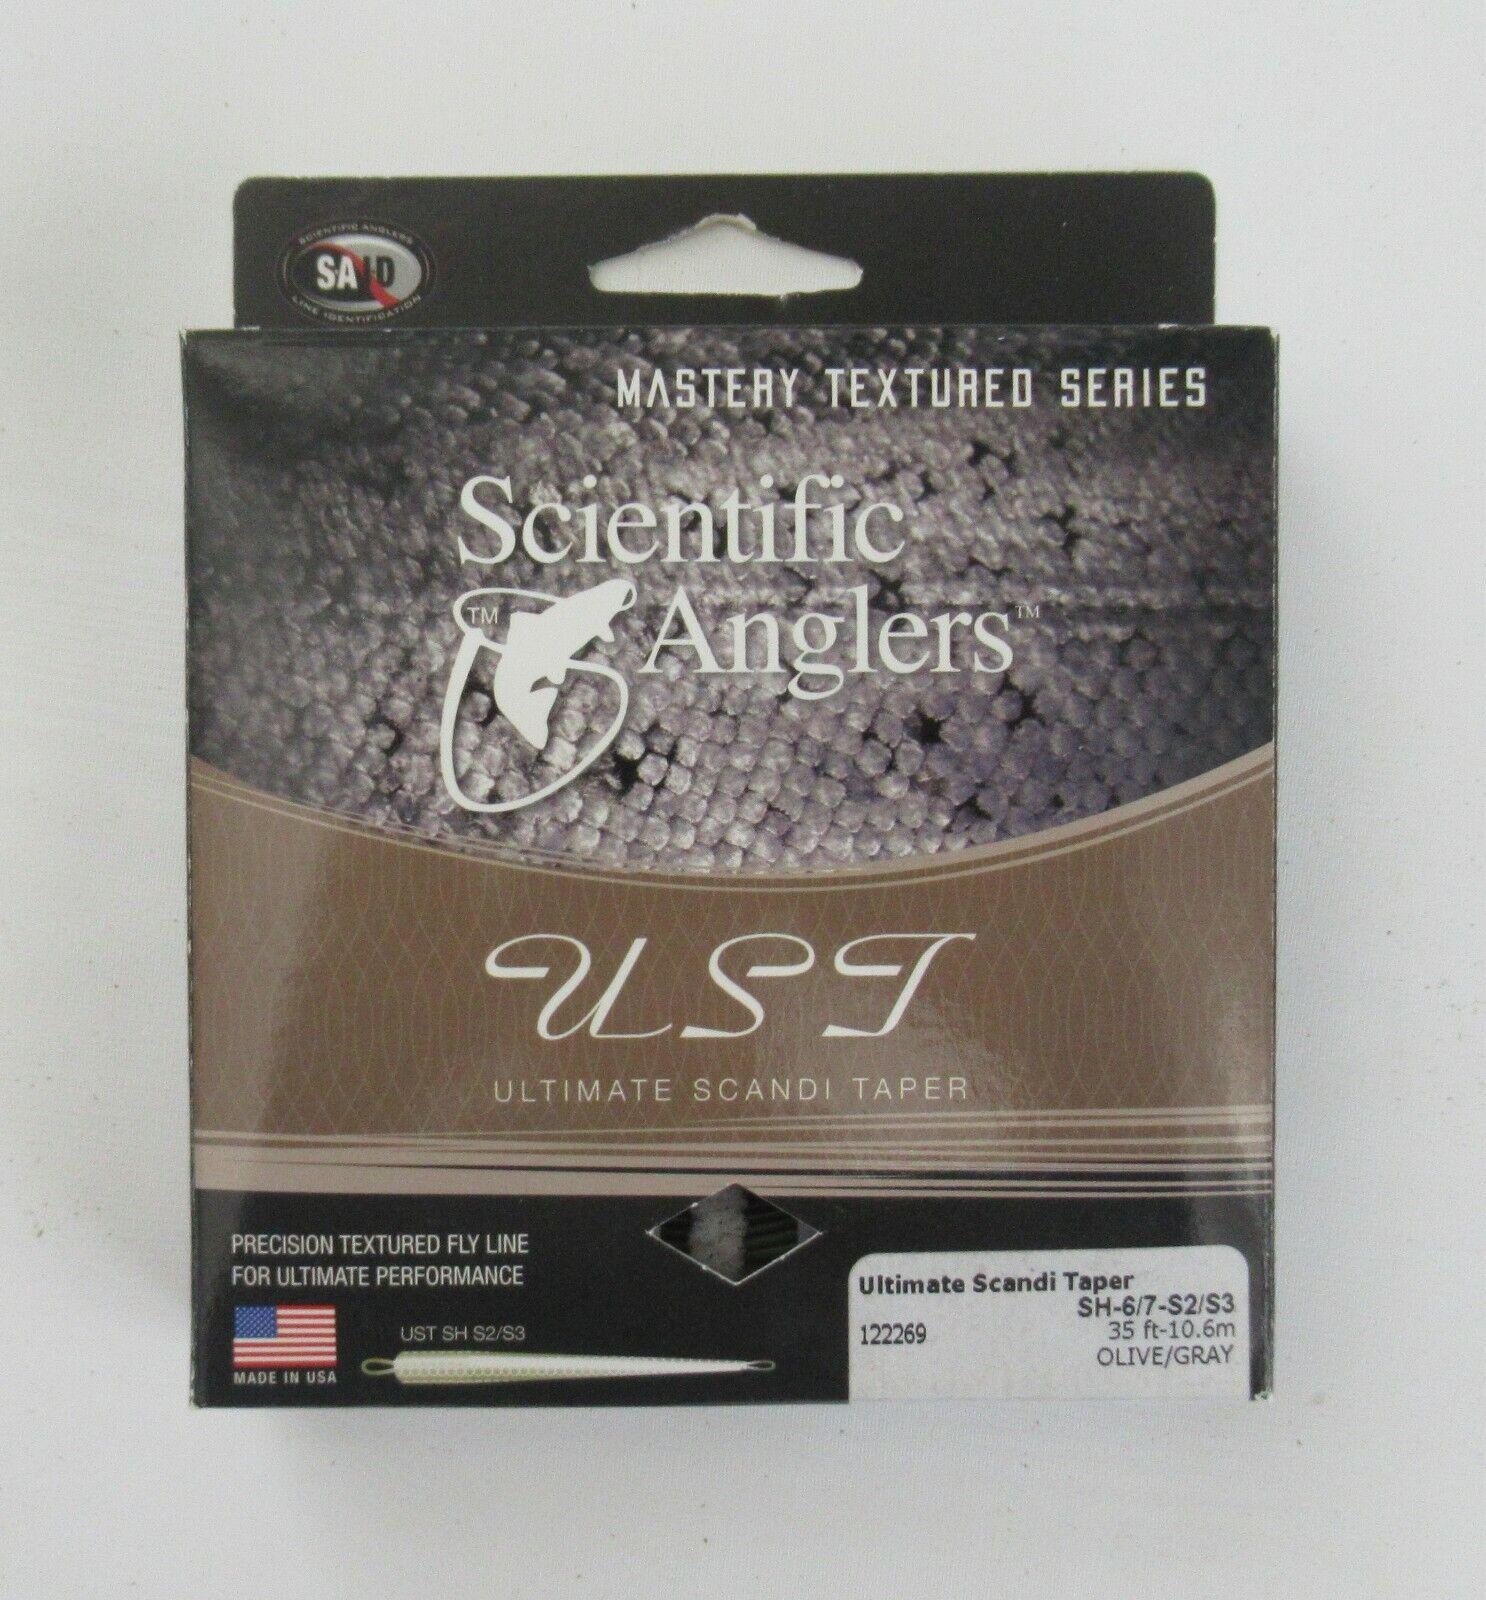 Scientific Anglers, Línea  Mosca Con Textura acuoso, Scandi forma cónica, SH-6 7-S2 S3  Ahorre 60% de descuento y envío rápido a todo el mundo.